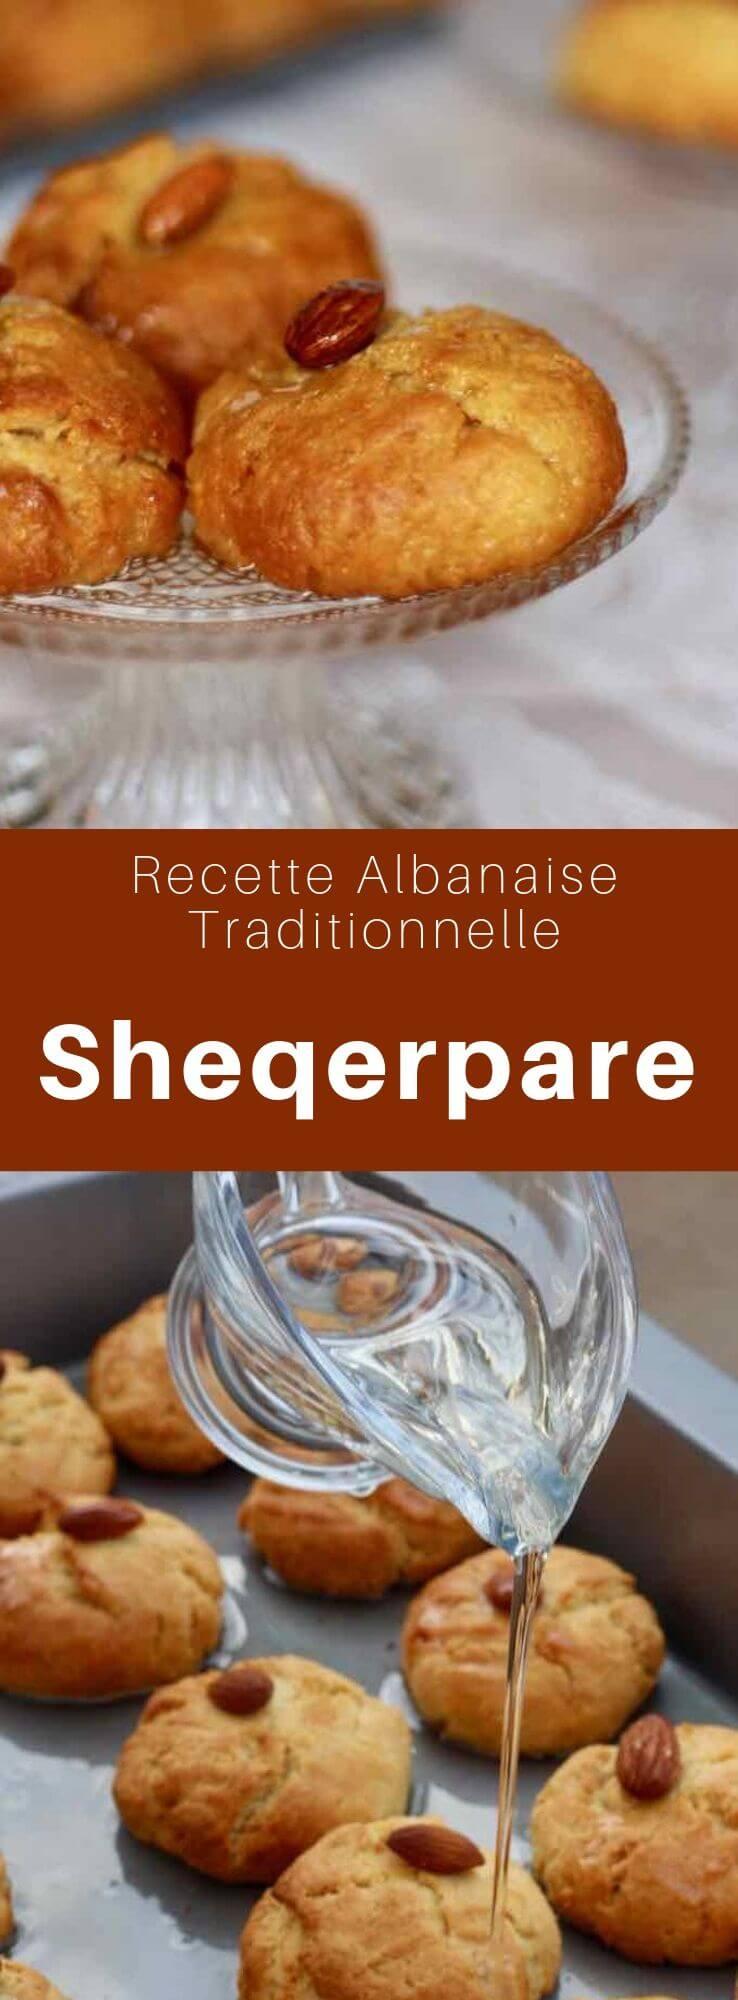 Les sheqerpare albanais sont des petits sablés au beurre imbibés de sirop de sucre. En Turquie, on les appelle şekerpare. #Albanie #Turquie #CuisineDuMonde #196flavors